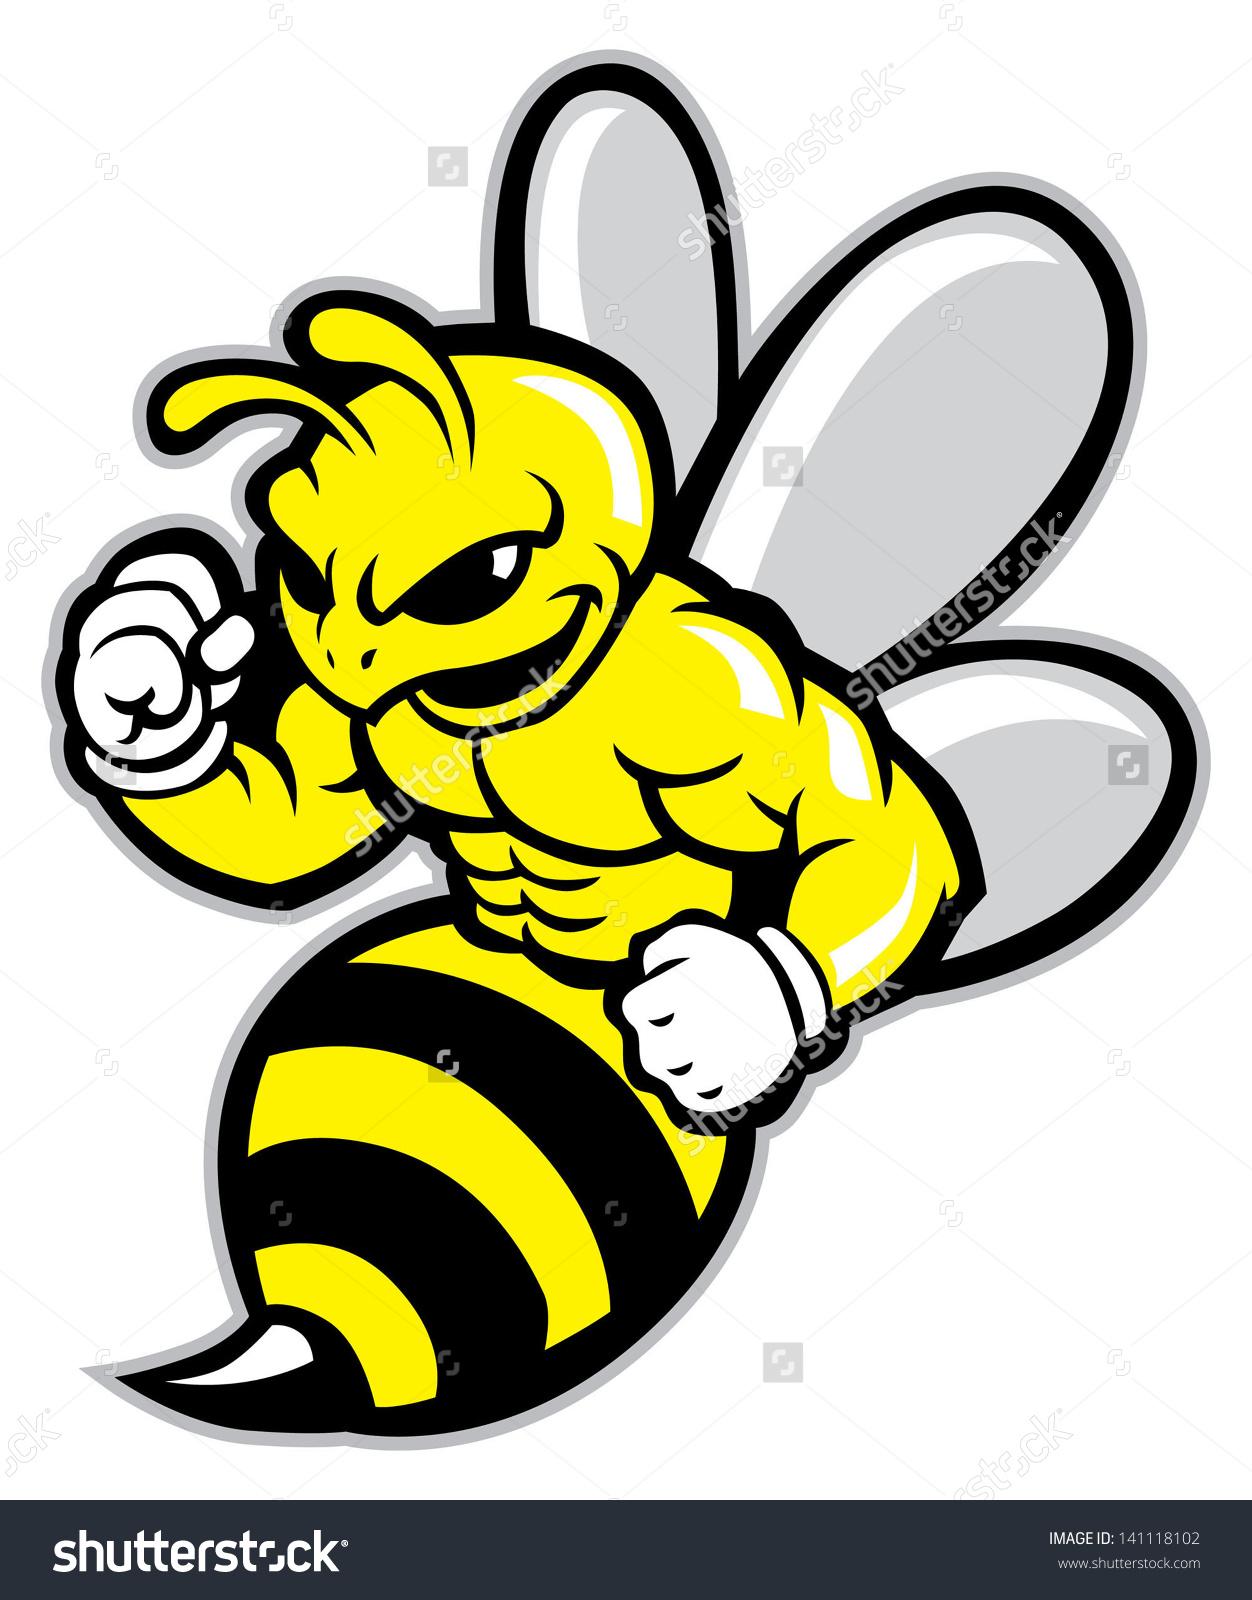 Bee Mascot Stock Vector 141118102.